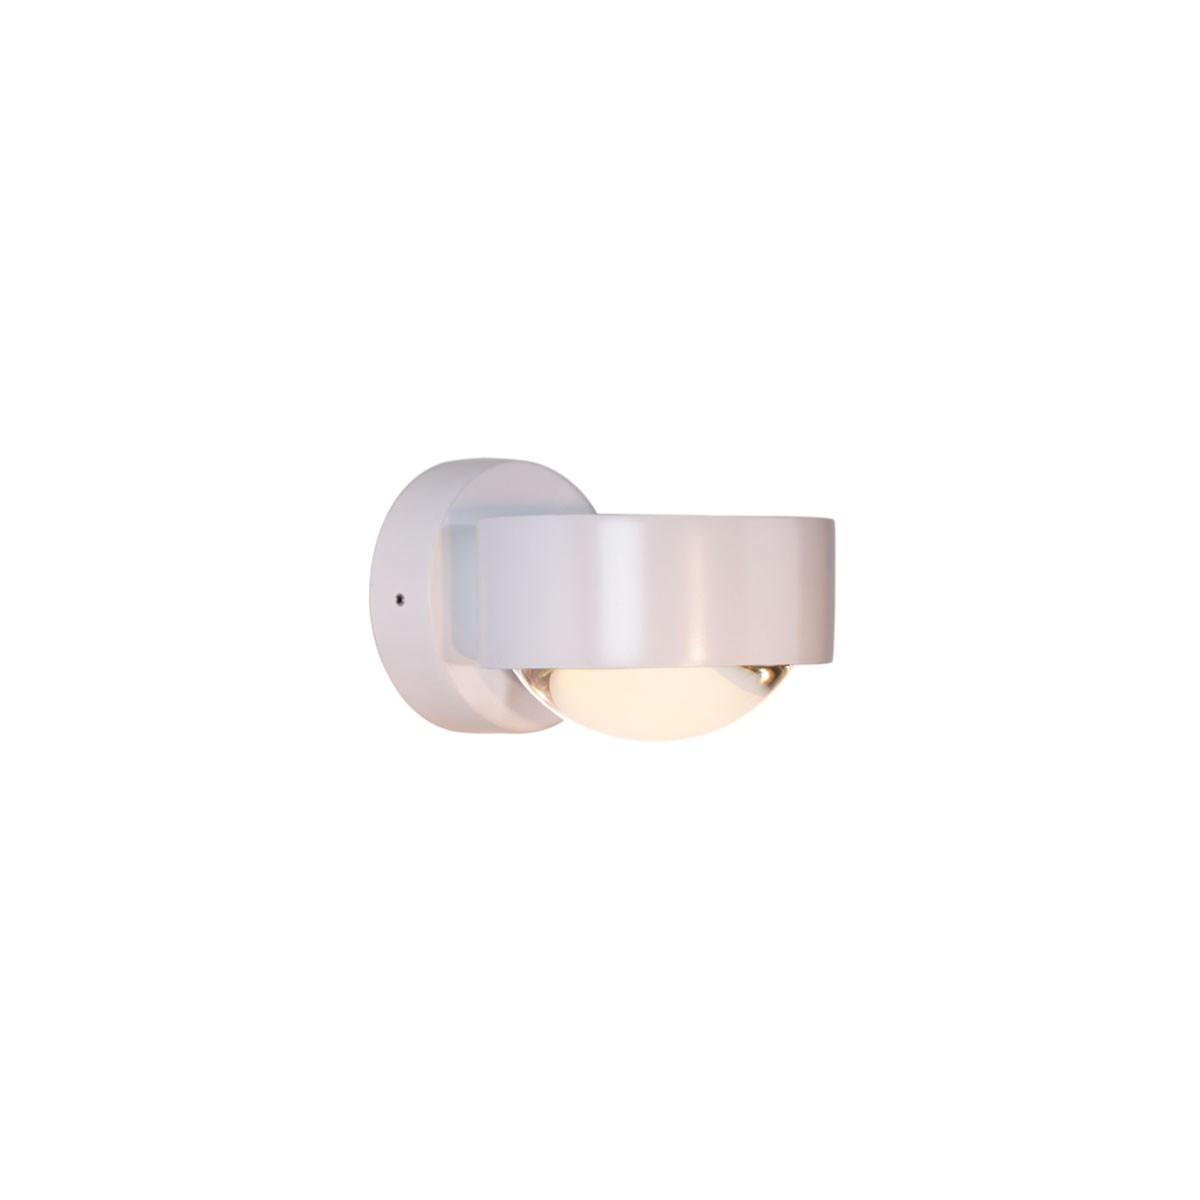 Top Light Puk Wall LED Wandleuchte, weiß